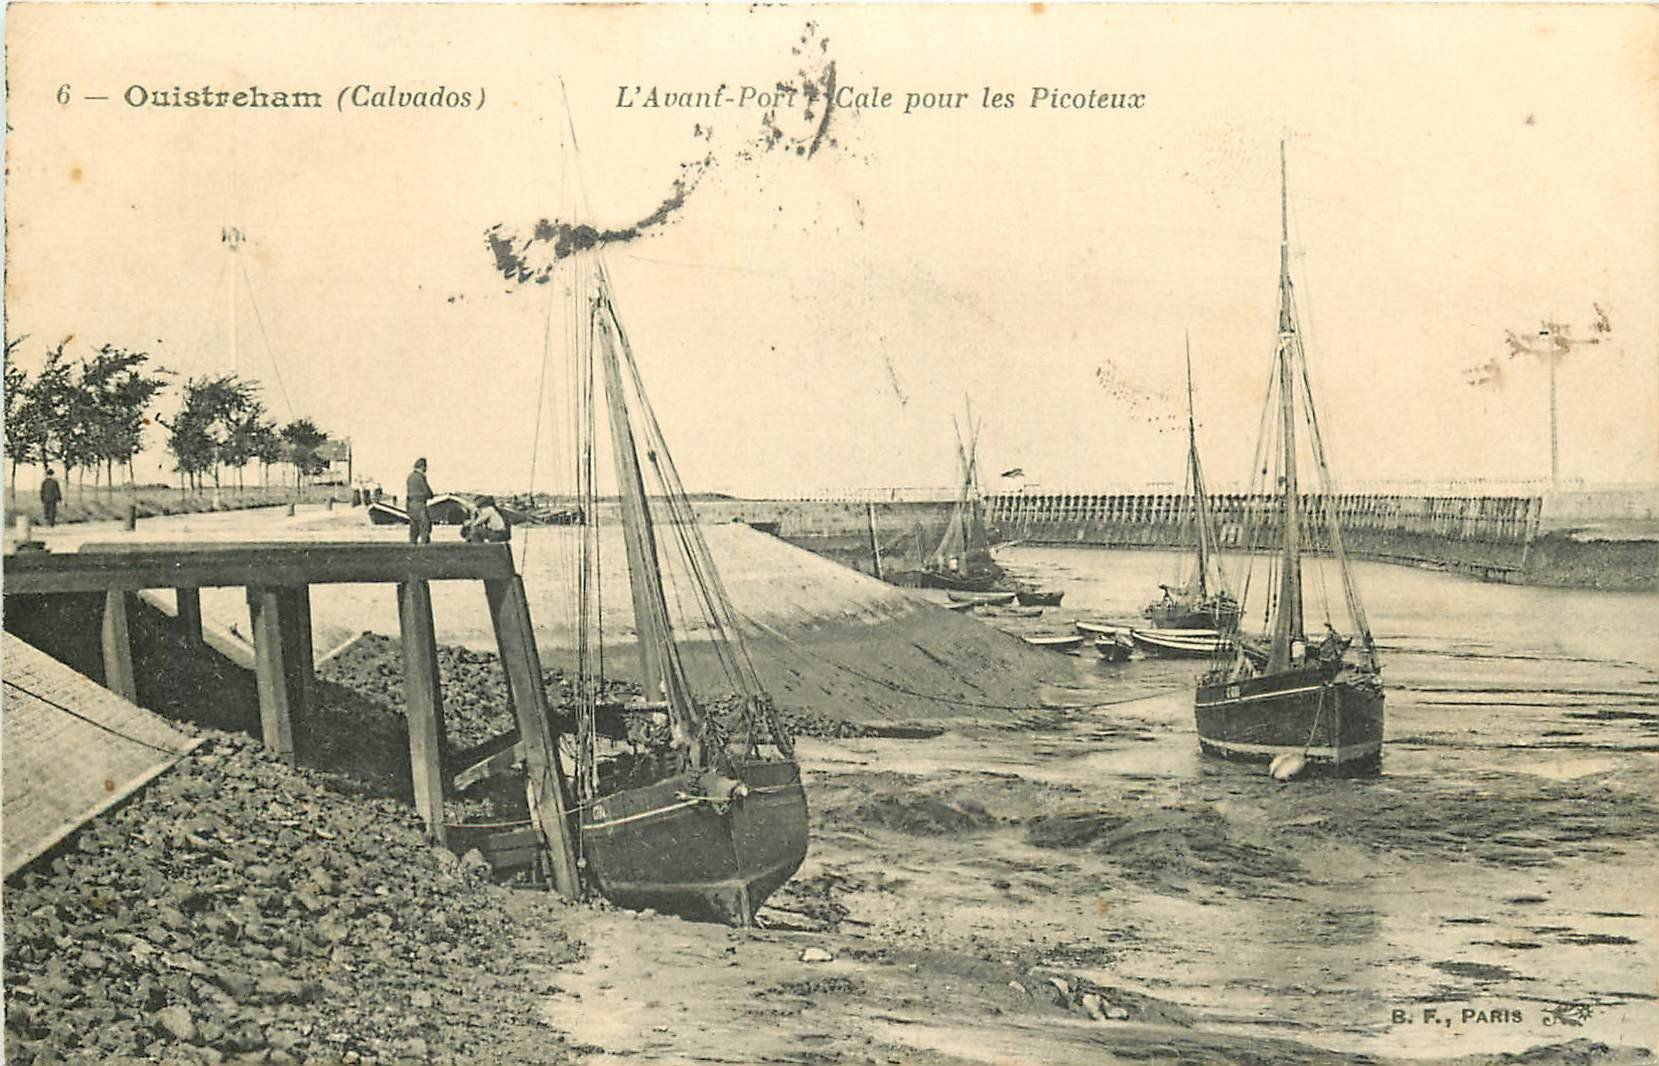 14 OUISTREHAM. Cale pour les Picoteux dans l'Avant-Port avec barques de Pêcheurs